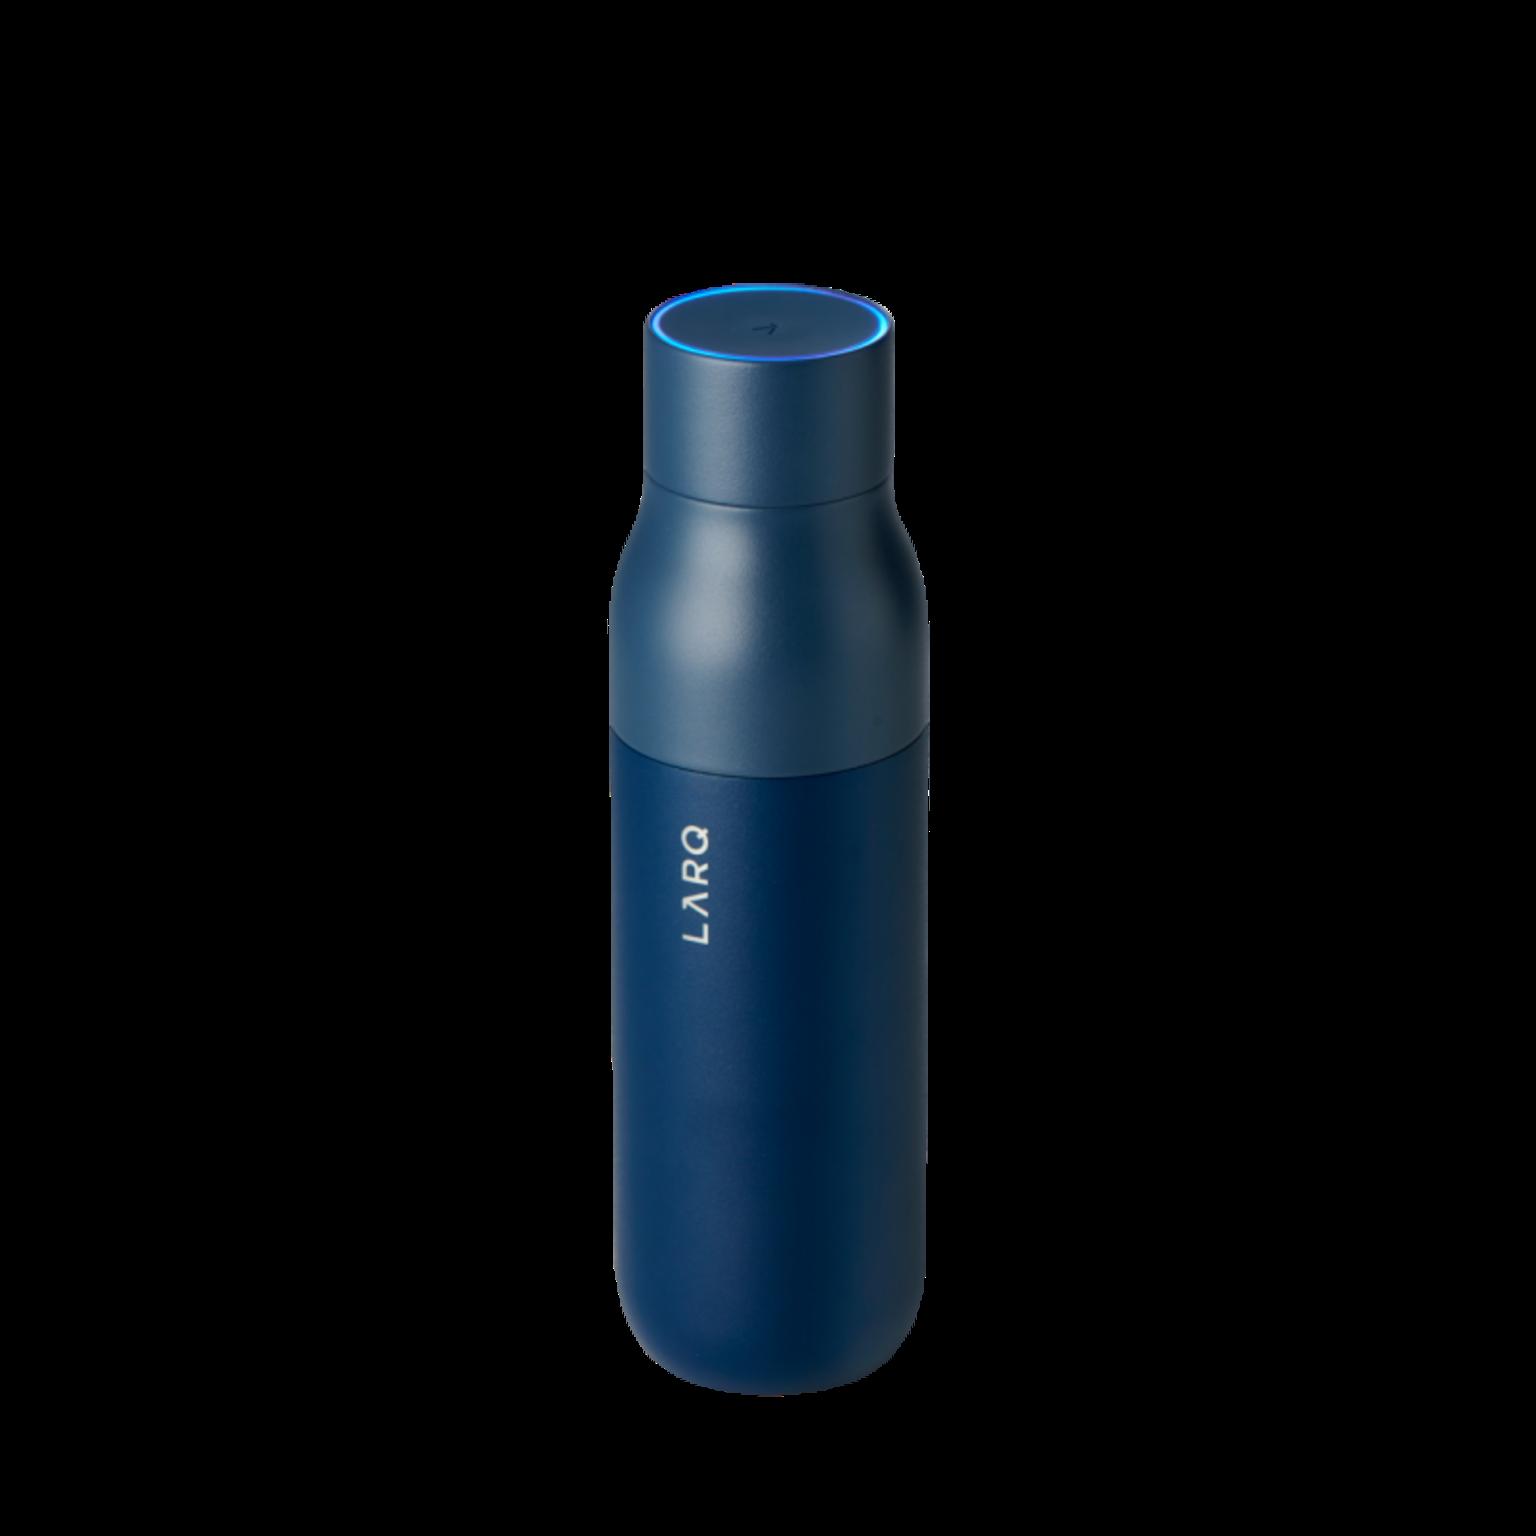 Larq Bottle Monaco